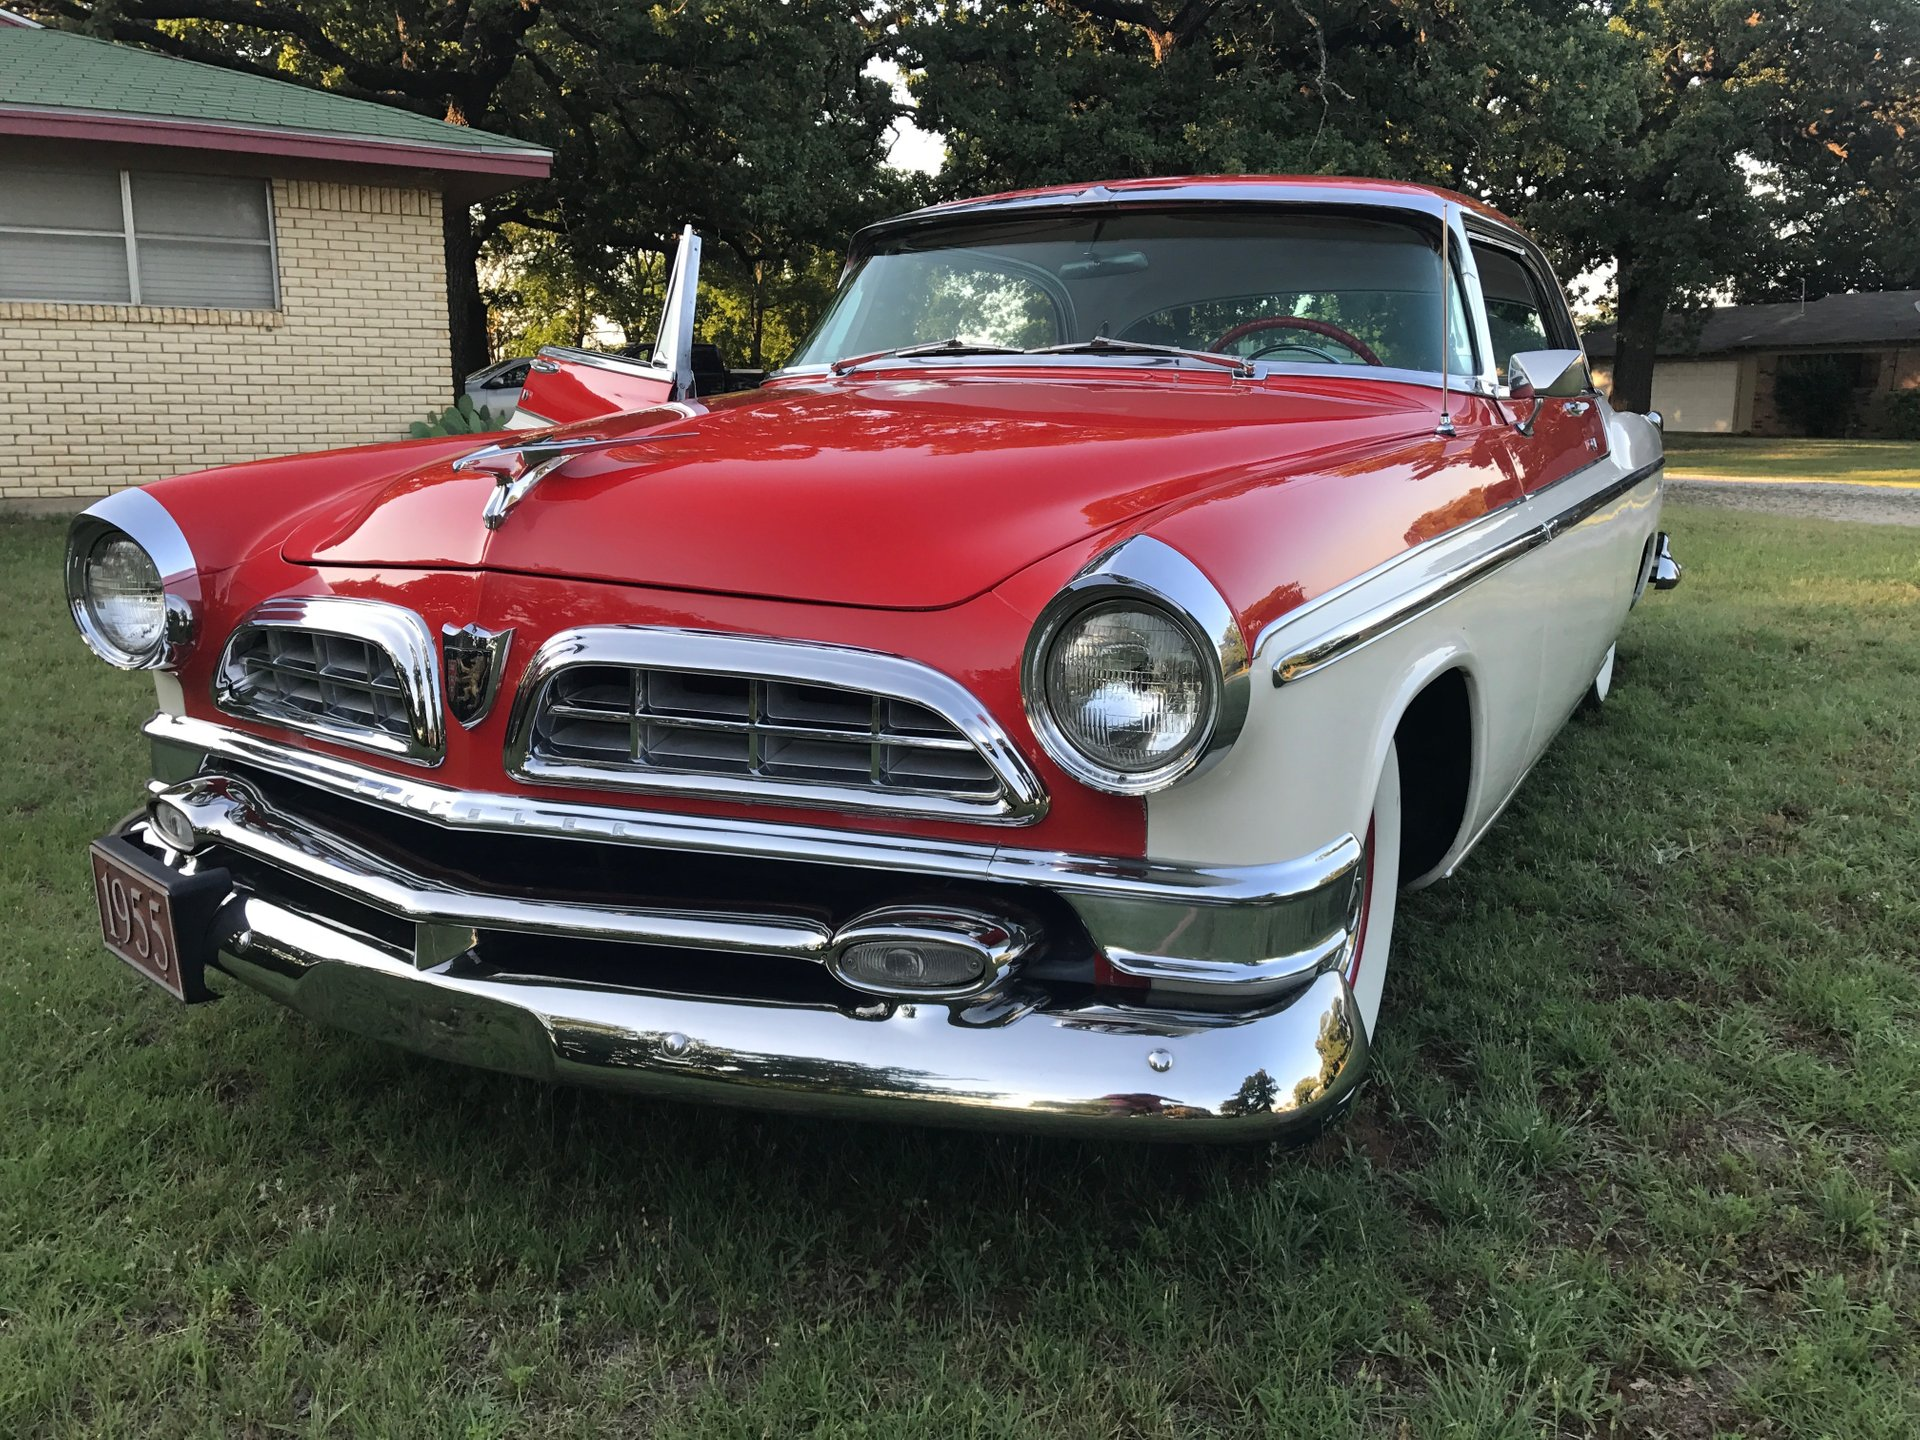 1955 chrysler new yorker deluxe st regis hardtop